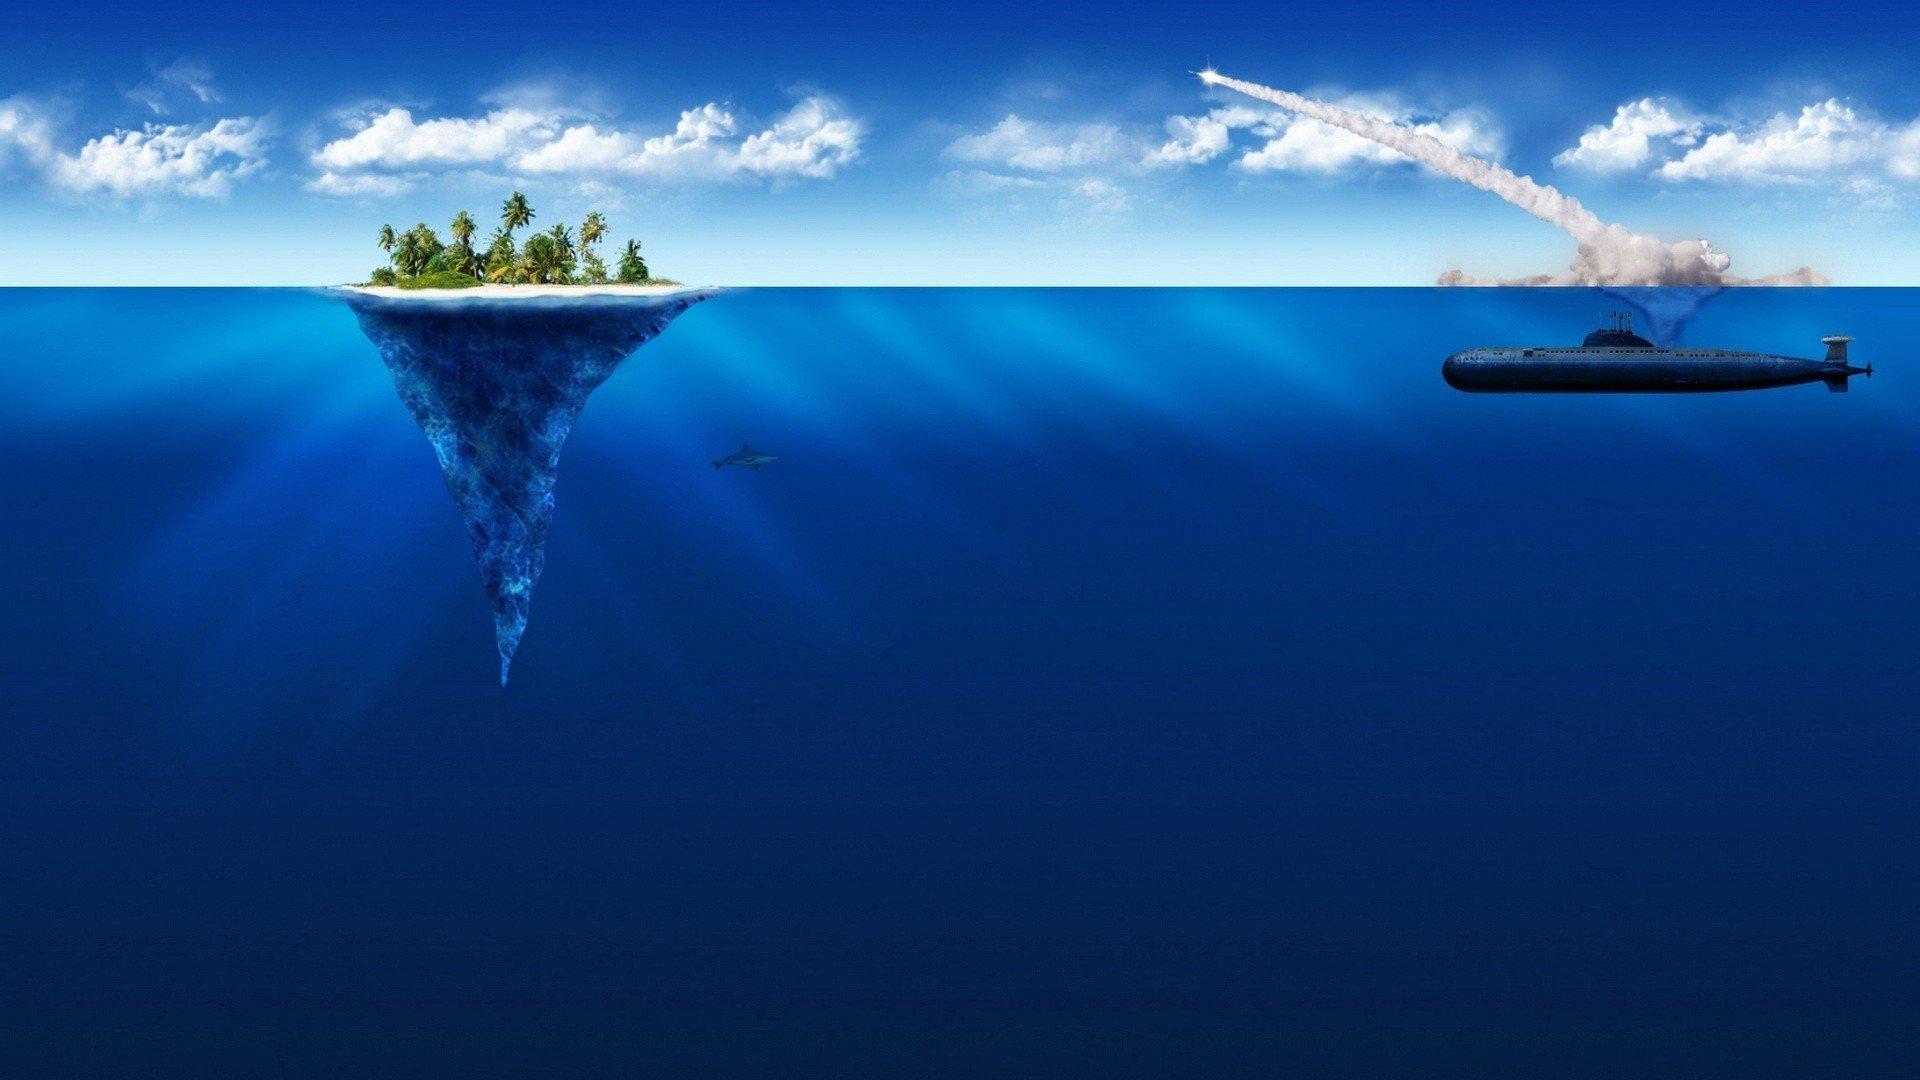 Submarino Fondo De Pantalla Hd Fondo De Escritorio